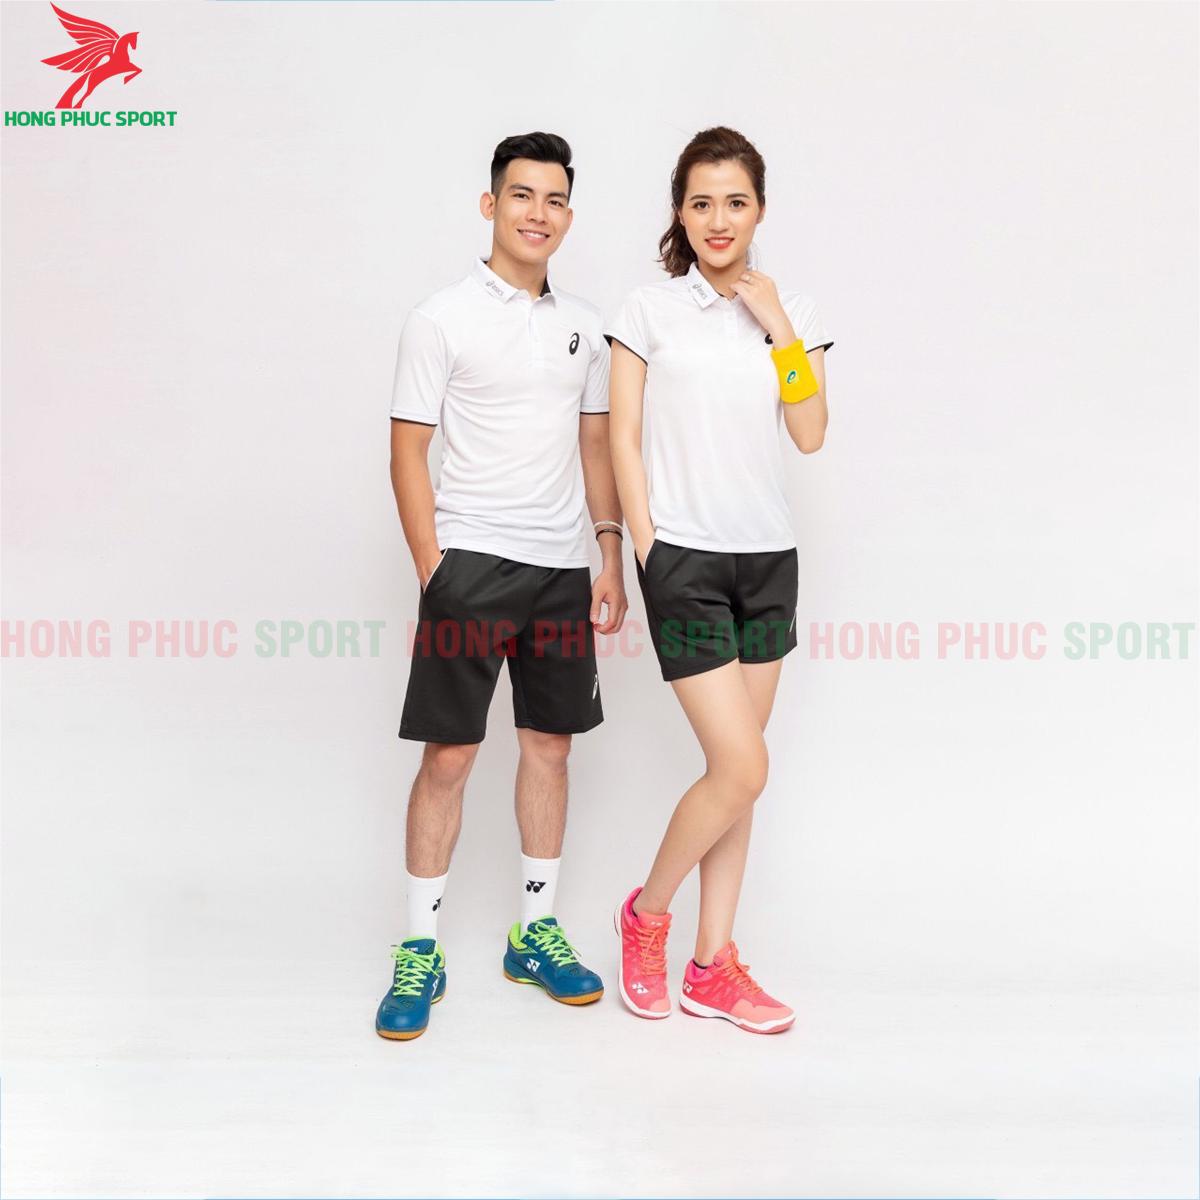 https://cdn.hongphucsport.com/unsafe/s4.shopbay.vn/files/285/ao-tennis-asic-2020-mau-trang-5f76f155dd1d8.png